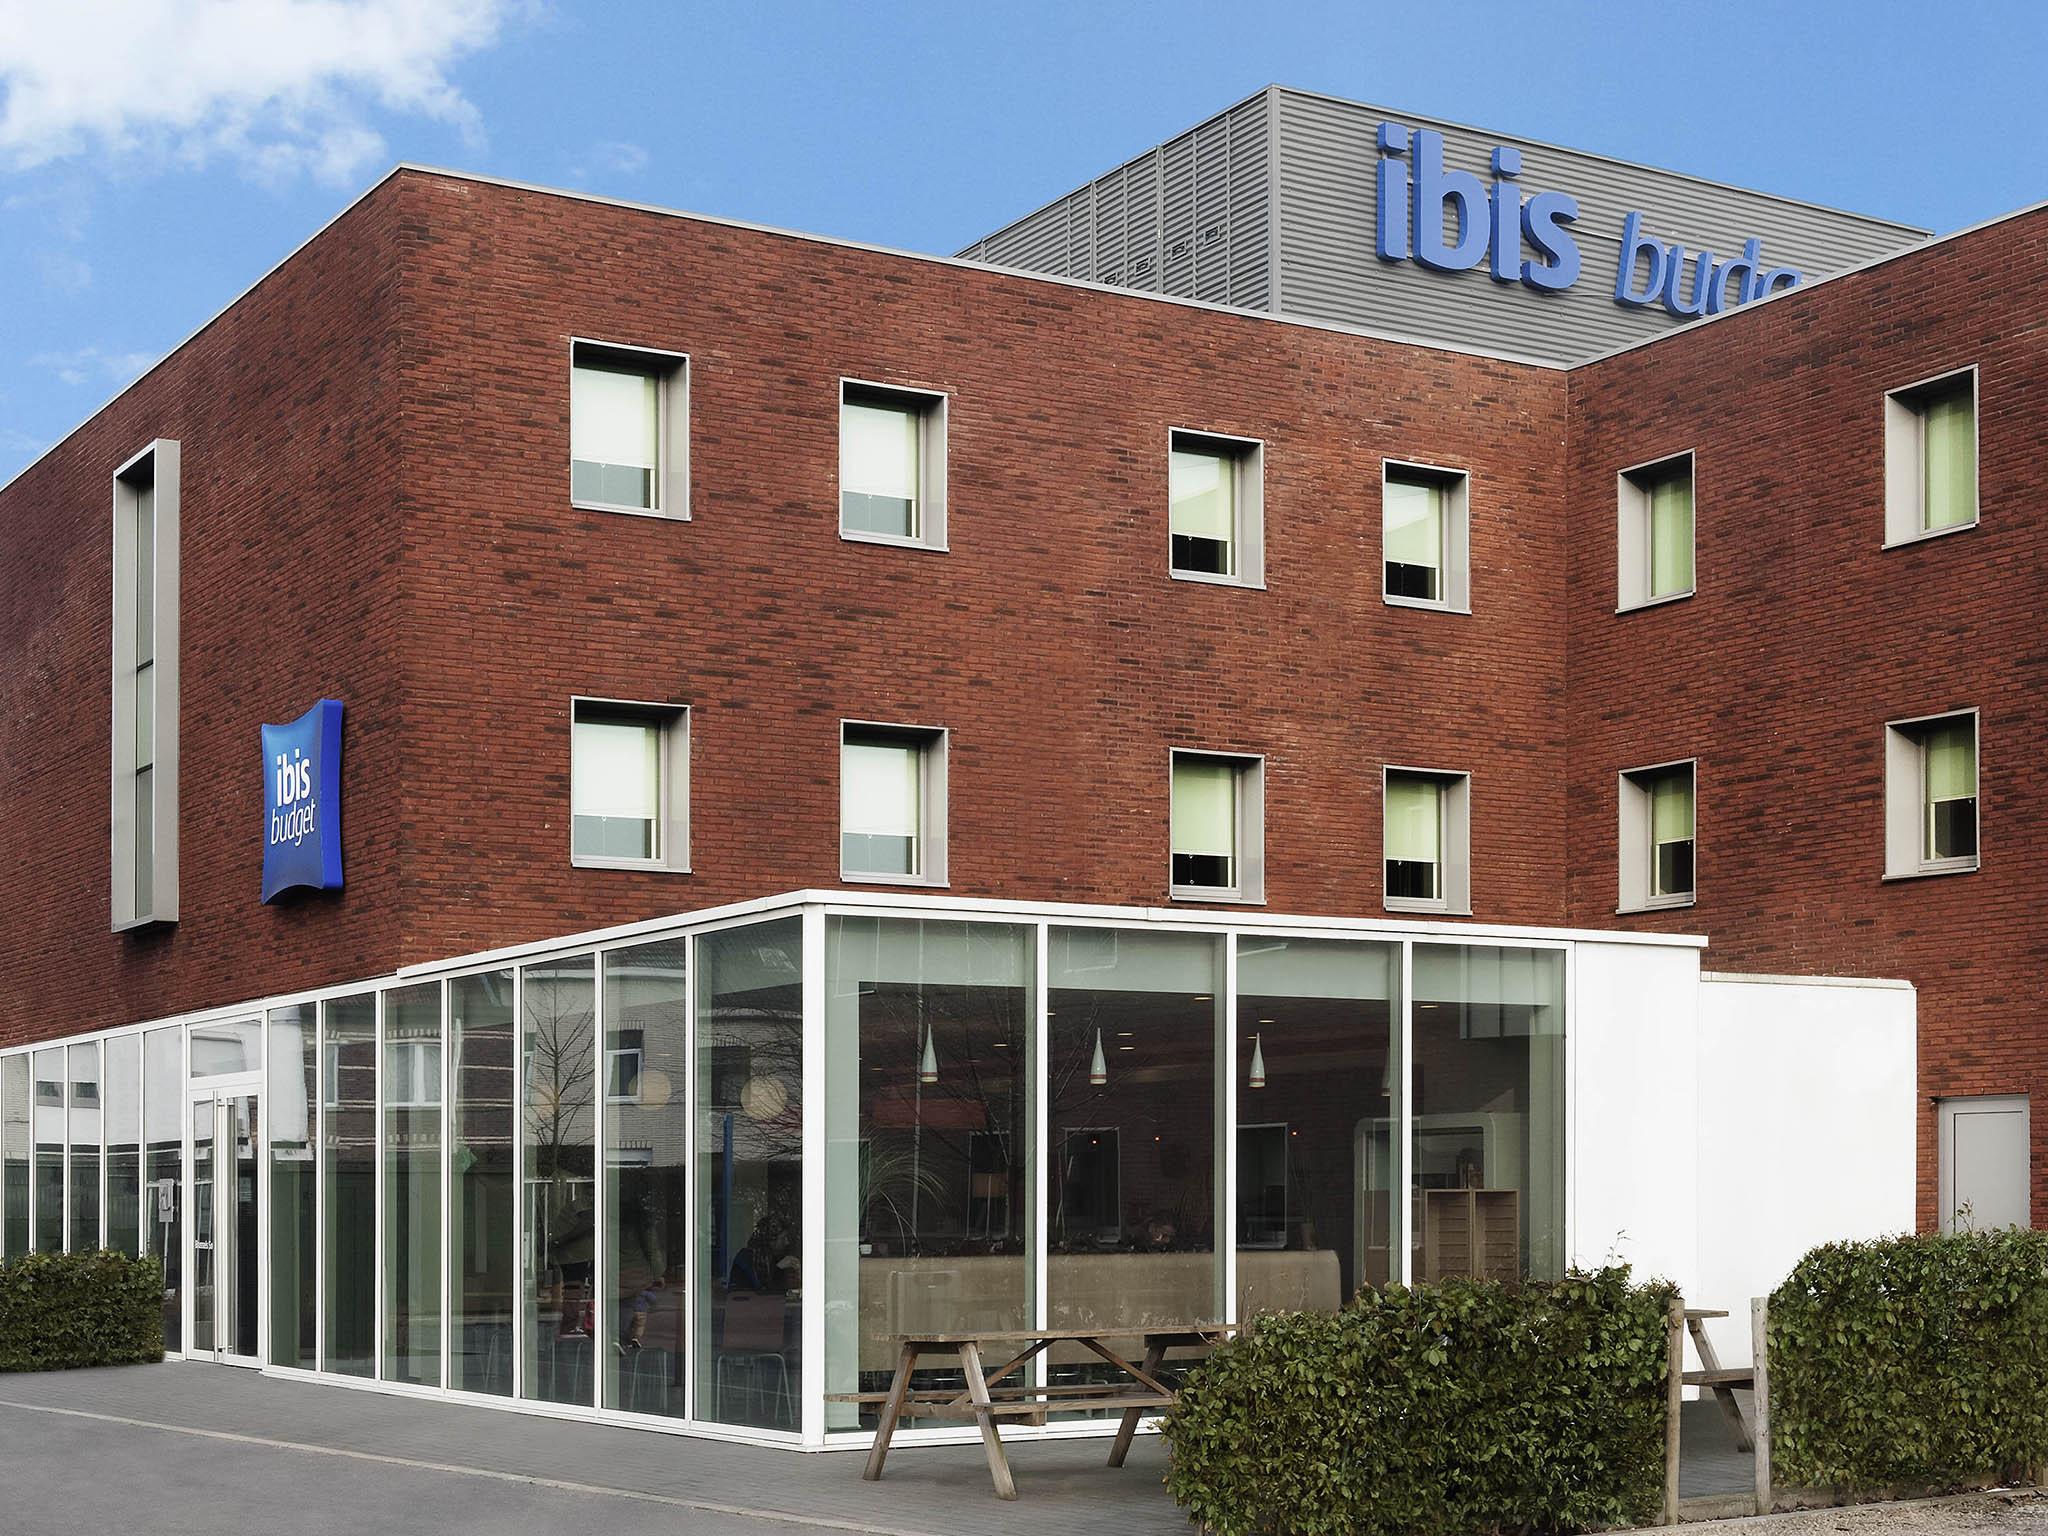 فندق - إيبيس بدجت ibis budget براسلز ساوث رويسبروك